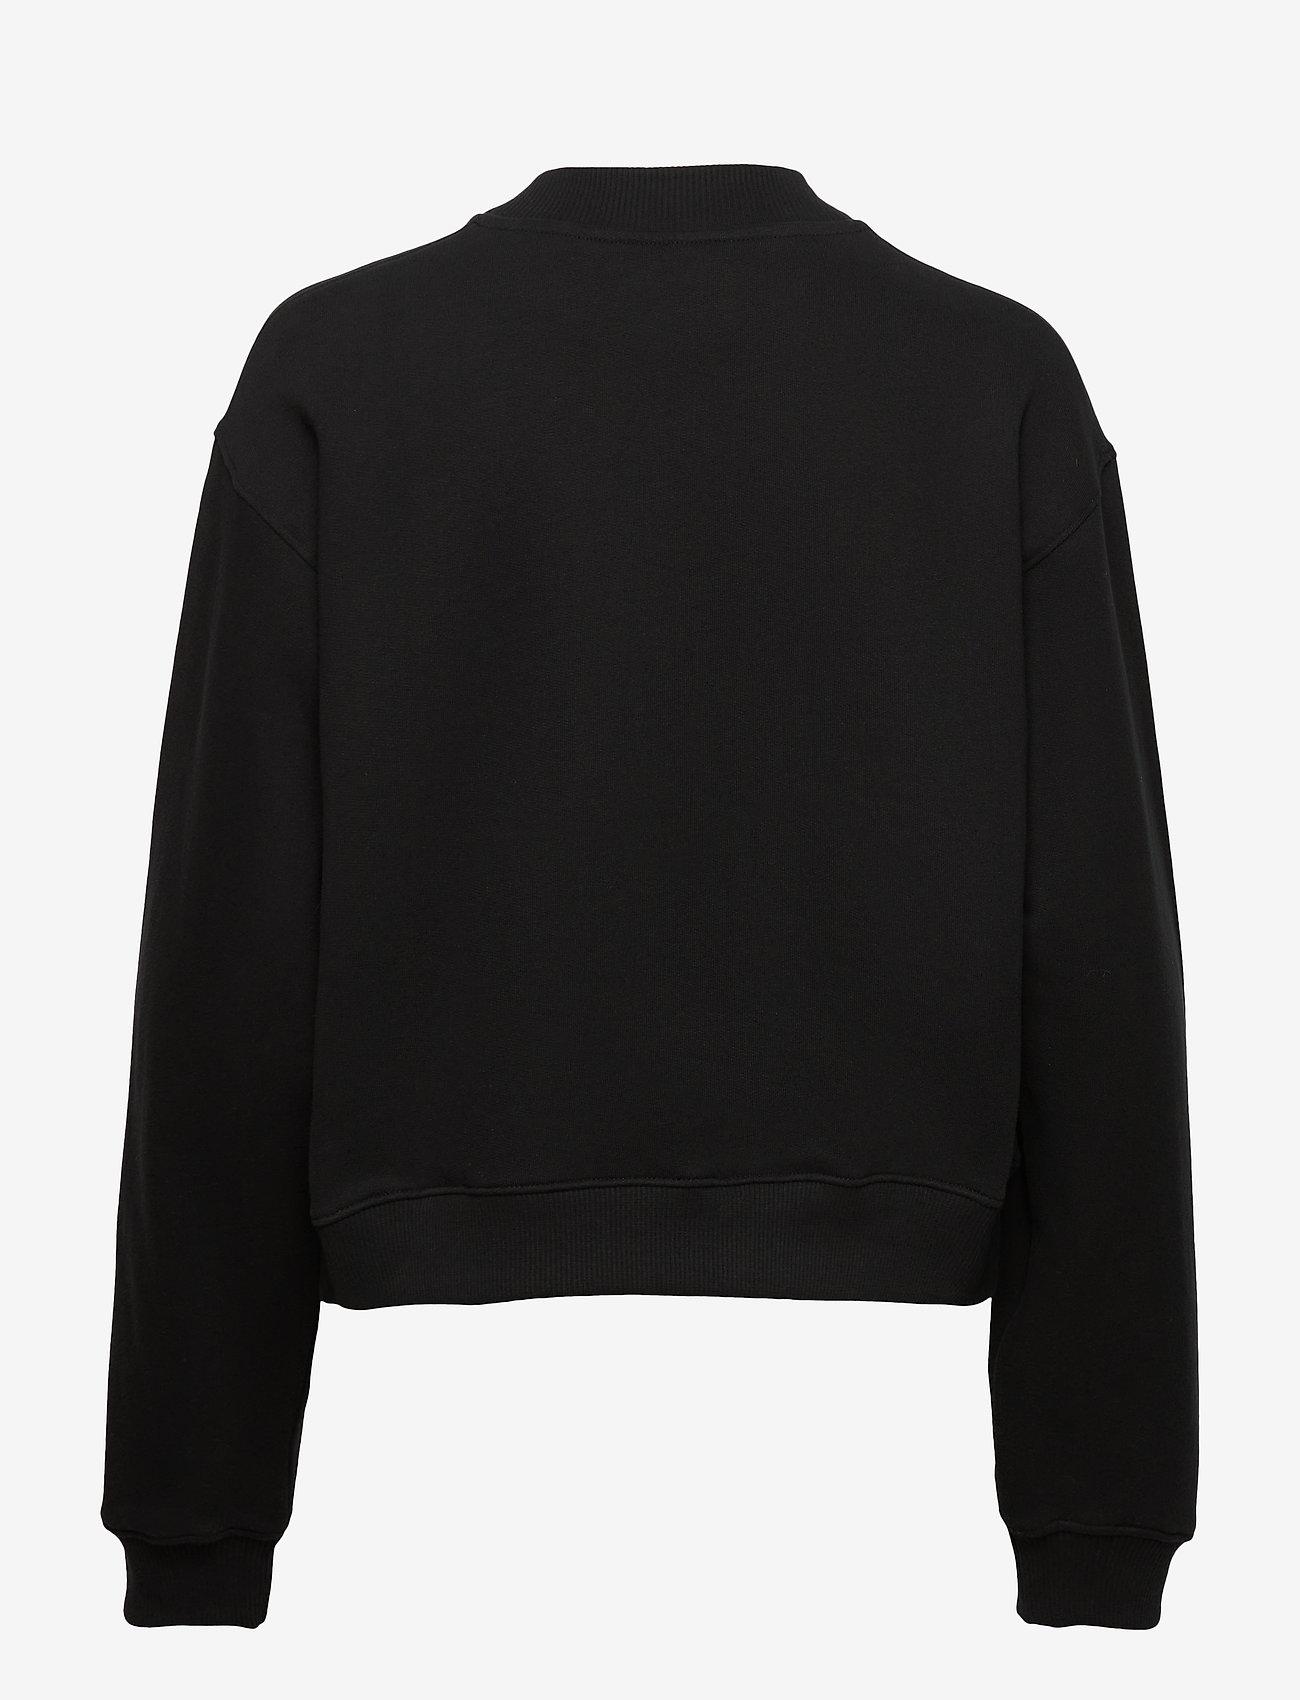 Calvin Klein Jeans - GOLD MONOGRAM SWEATSHIRT - gensere og hettegensere - ck black - 1